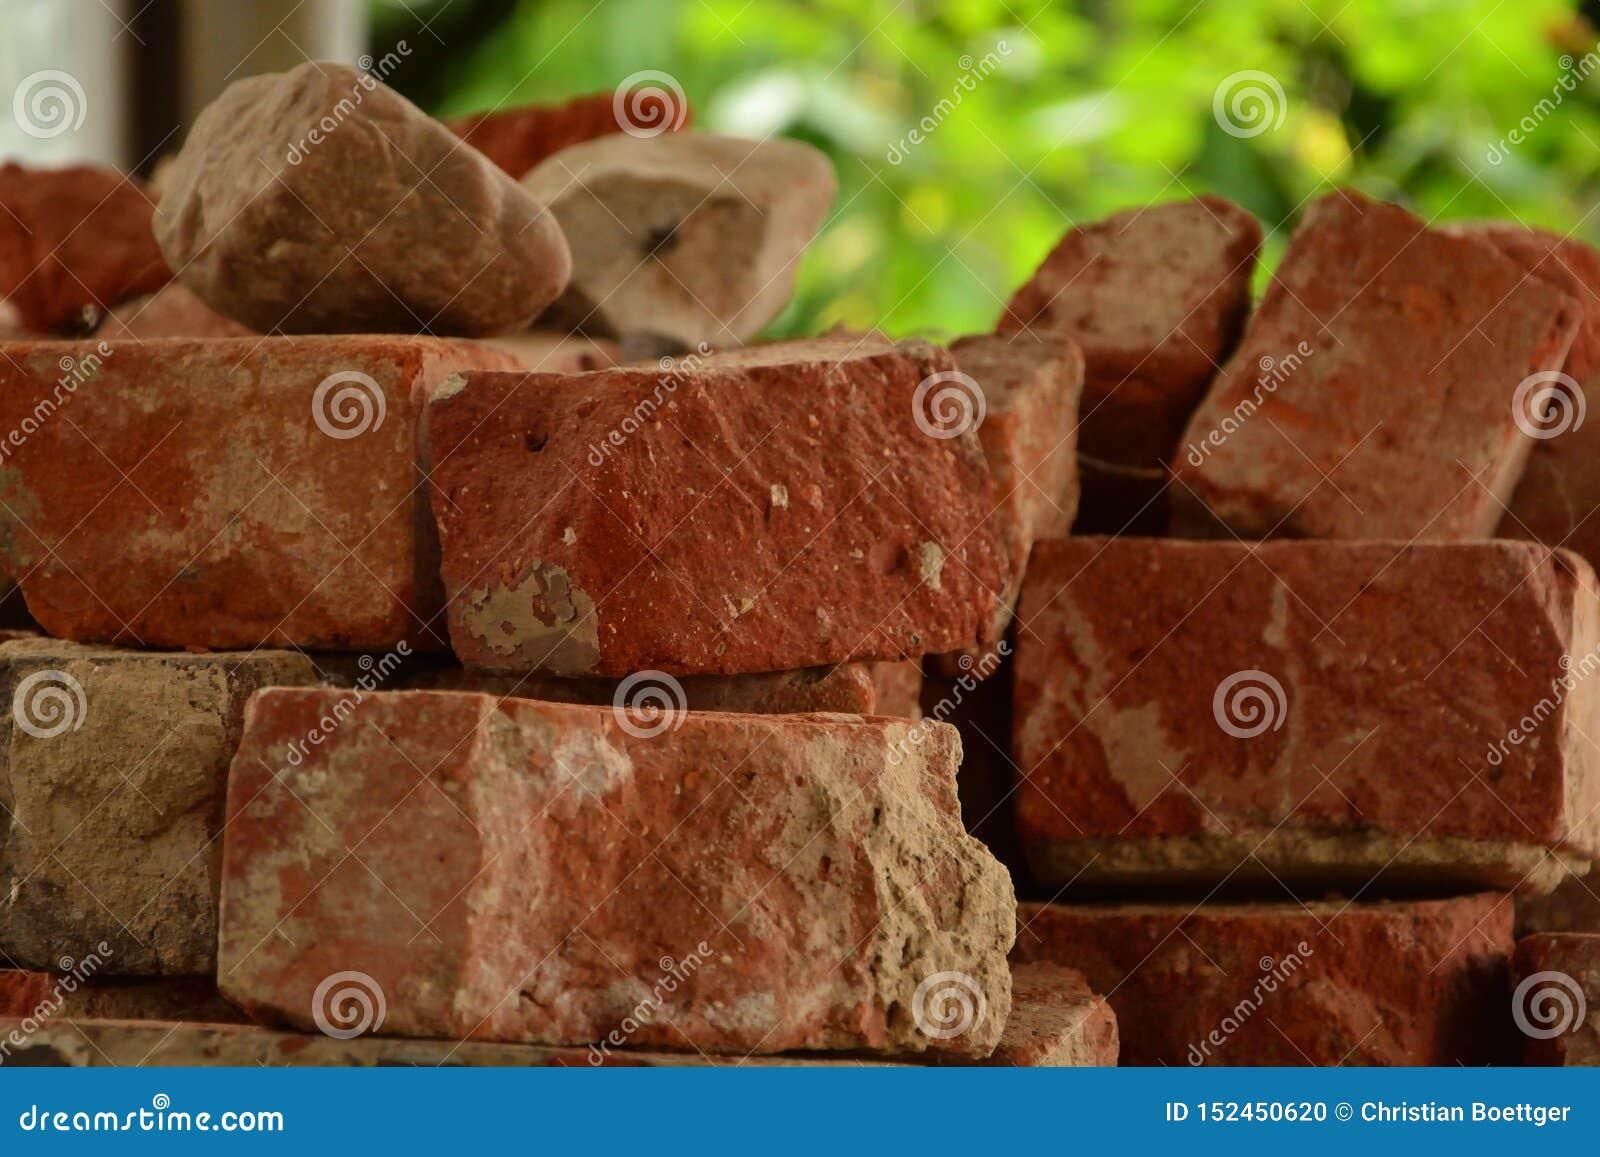 Stary czerwonej cegły klinkieru stos w te świetle słonecznym, krakingowe cegły